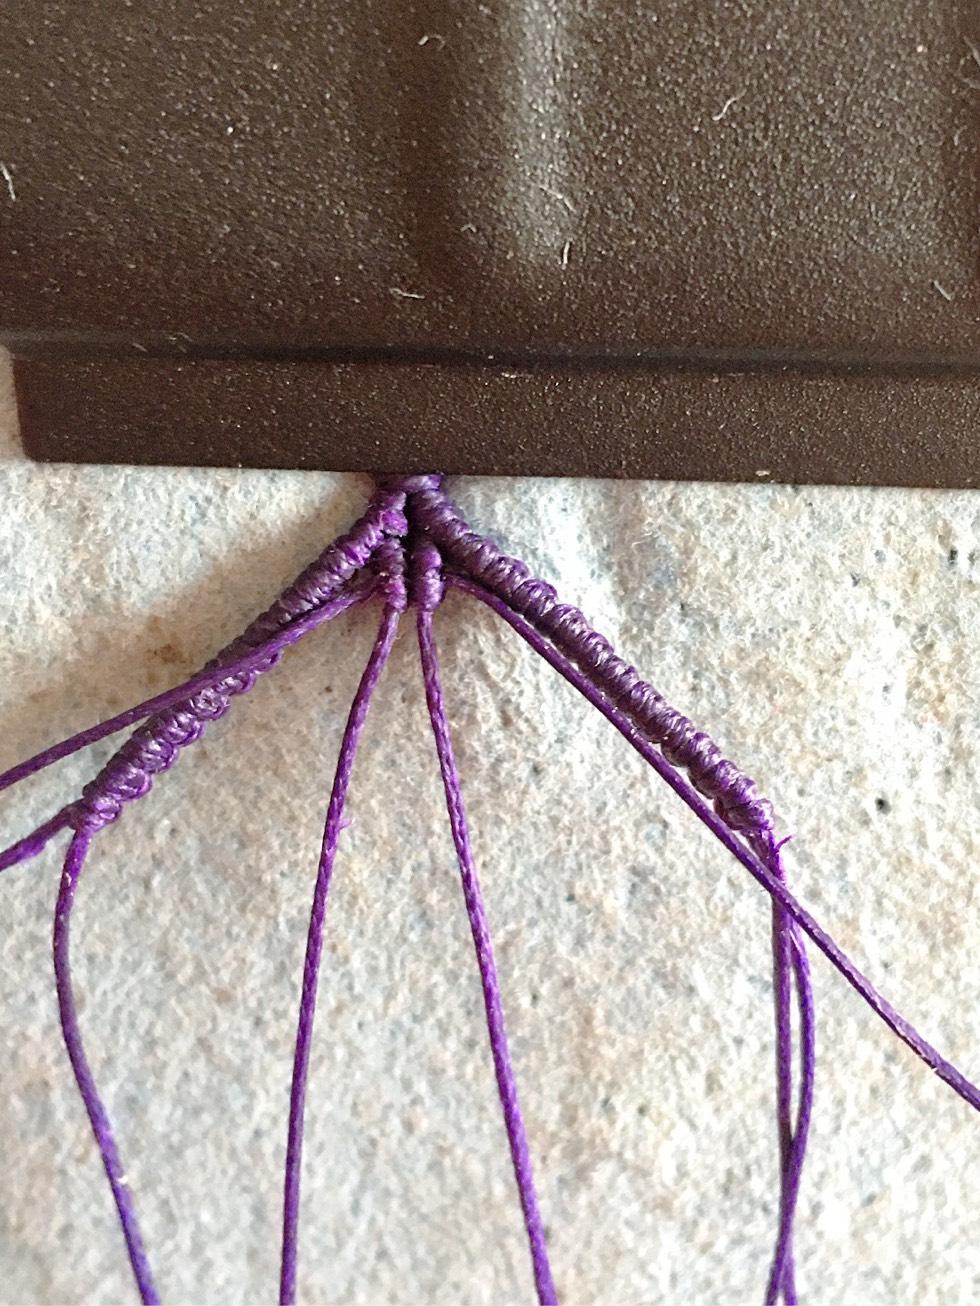 中国结论坛 项链绳中间过渡 两端抽拉的绳结怎么打,一根线穿吊坠打结方法,二根绳子各种编法图解 图文教程区 142657c1nyi1s6kkgyznyj